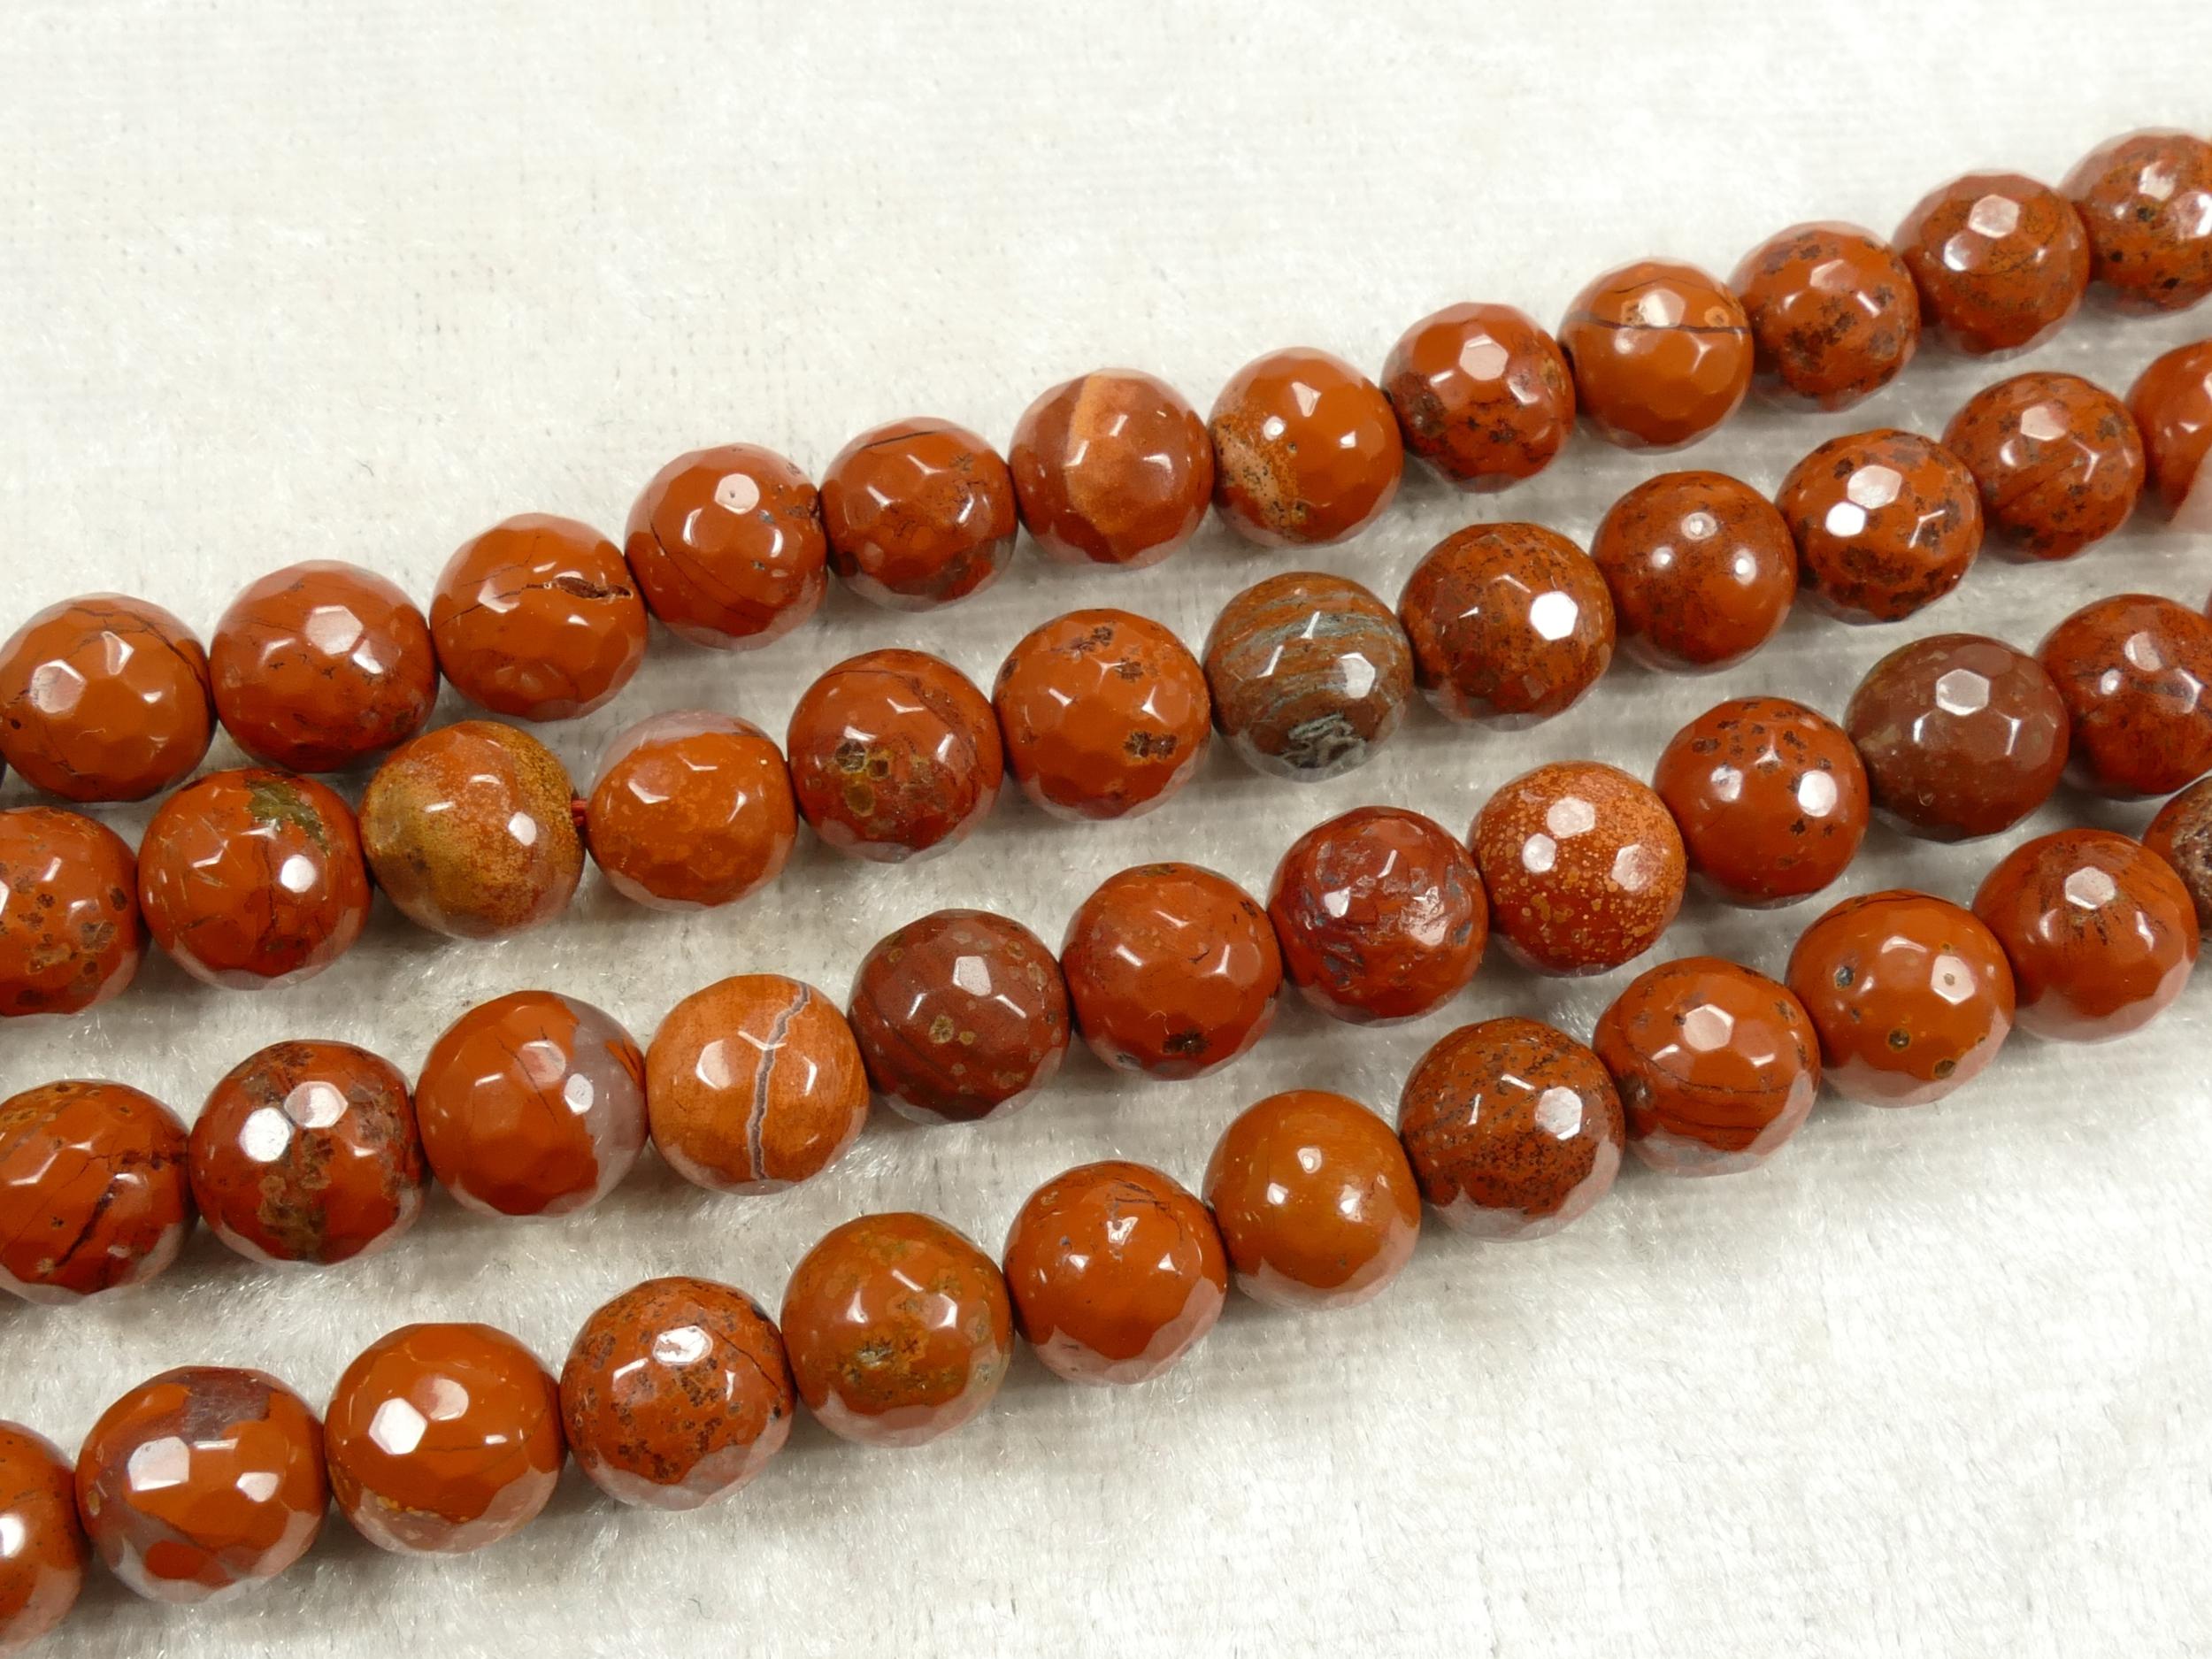 7.7/8mm x18 Perles de Jaspe rouge naturel en boule / ronde facettée rouge terre ocre (#AC707)